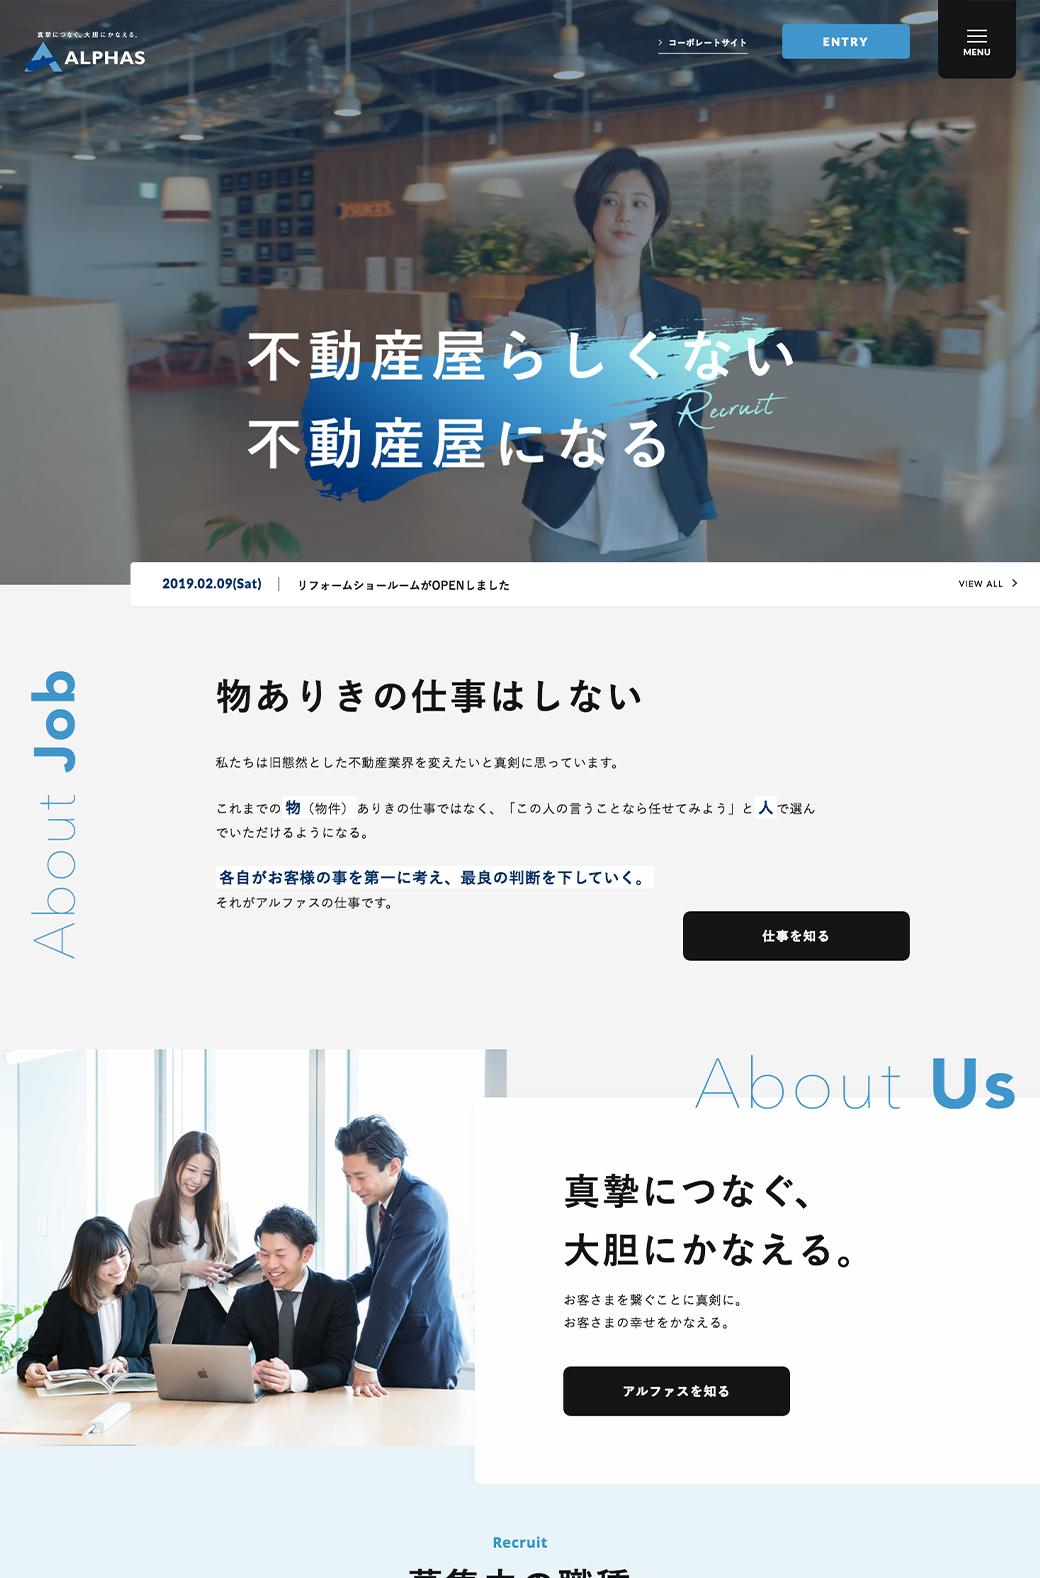 リクルートサイト - トップページ